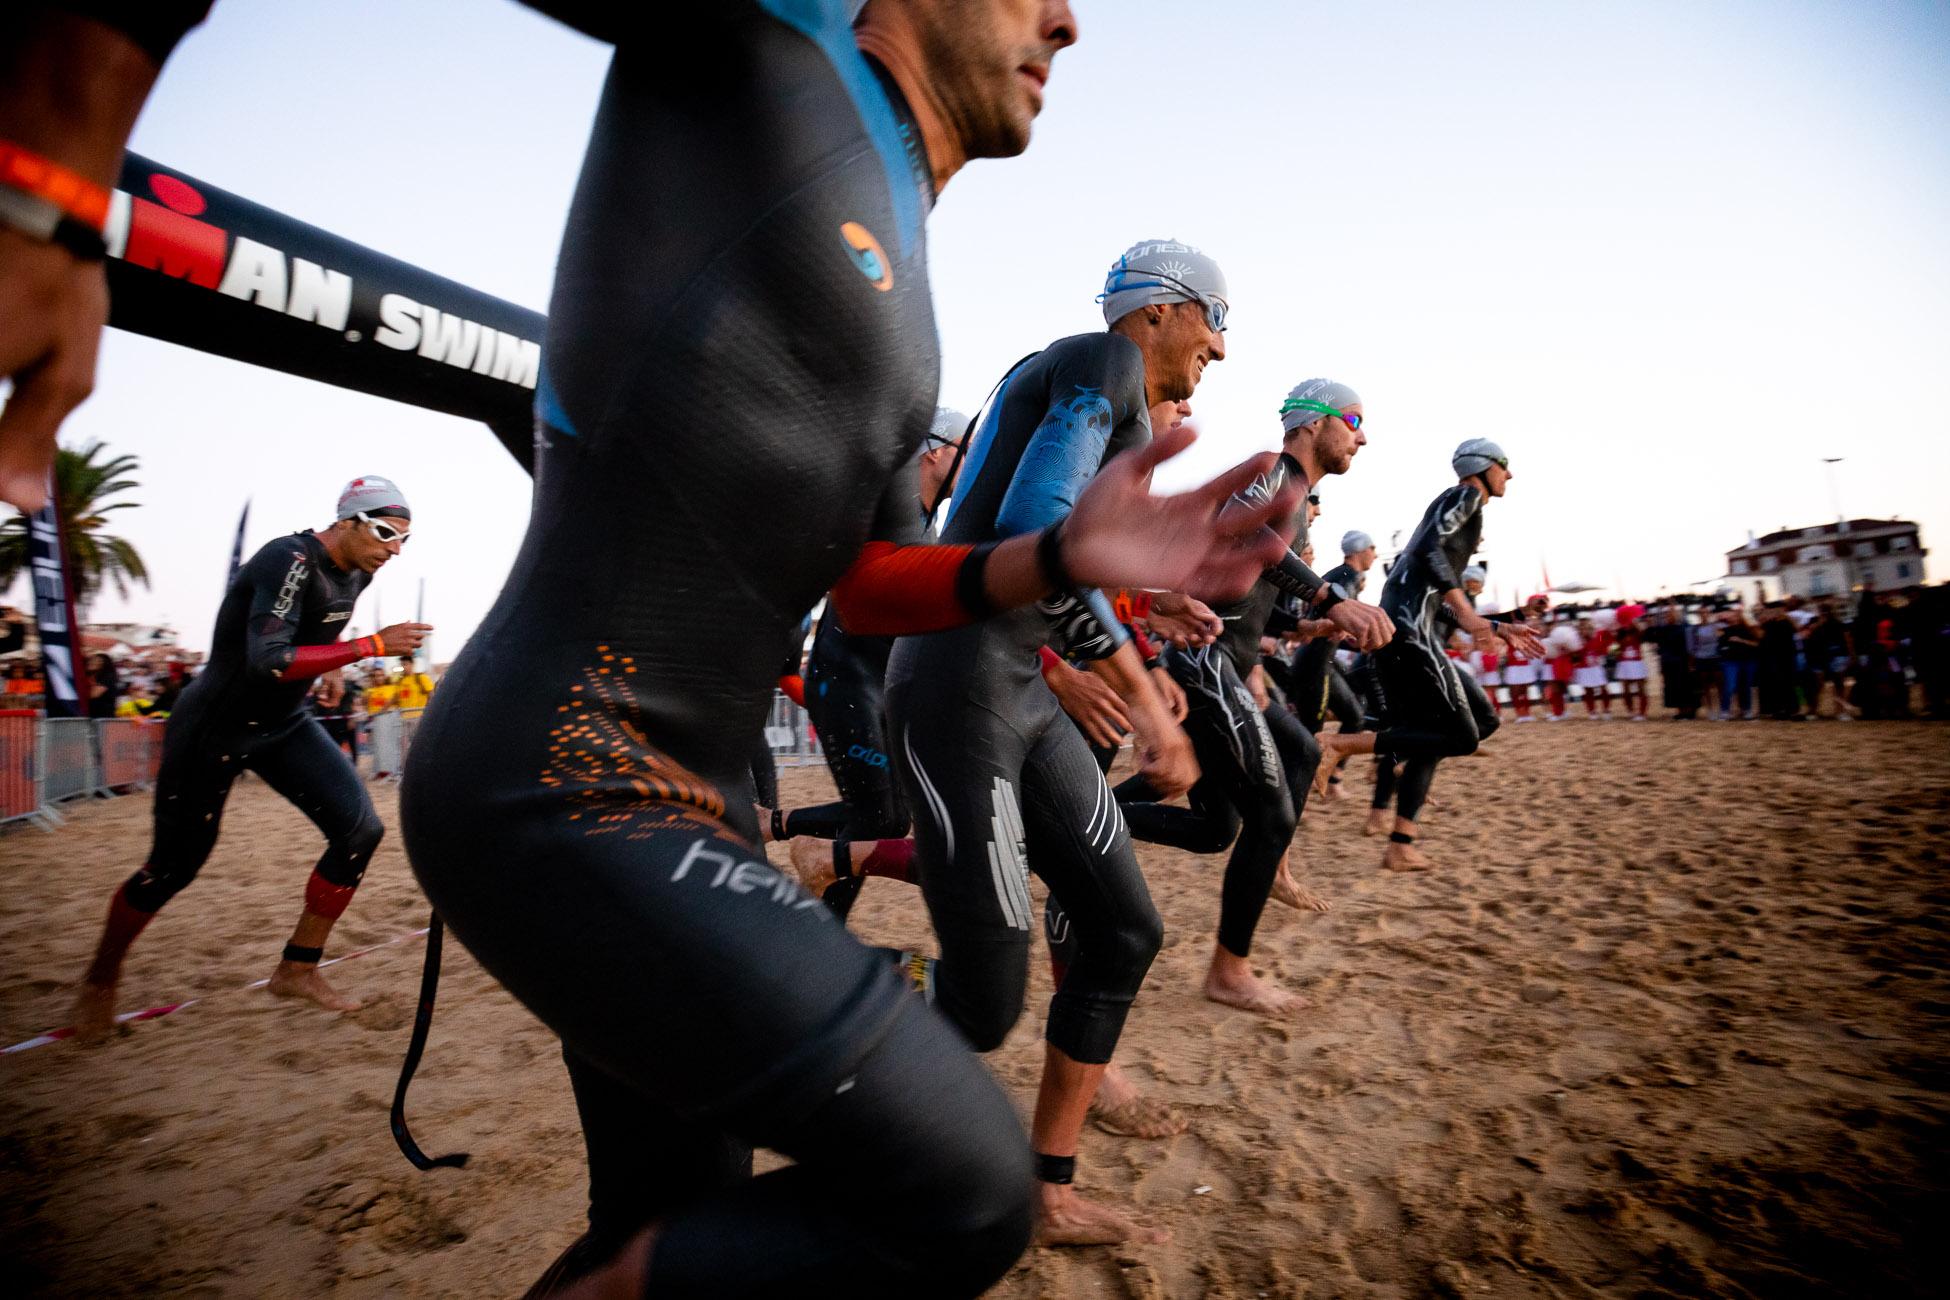 ironman-triatlo-fitness-lifestyle-desporto-atleta-fotografia-004.jpg